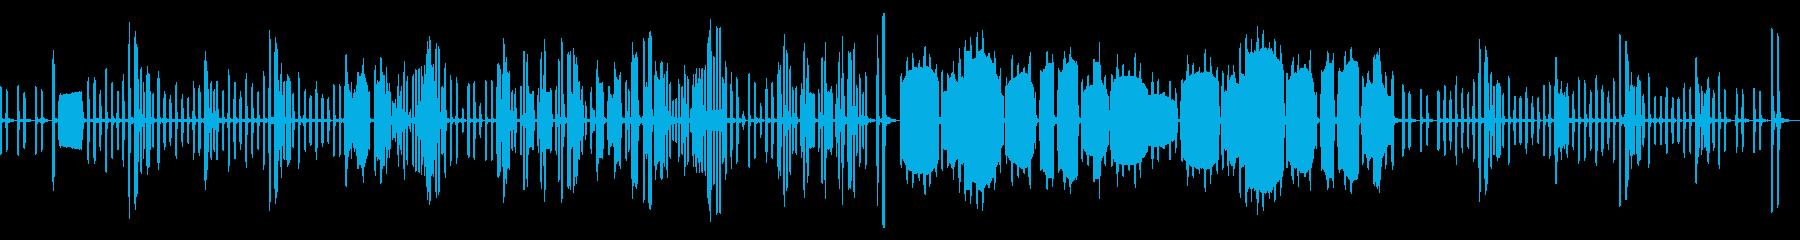 リコーダーのかっこうワルツ(ループなし)の再生済みの波形